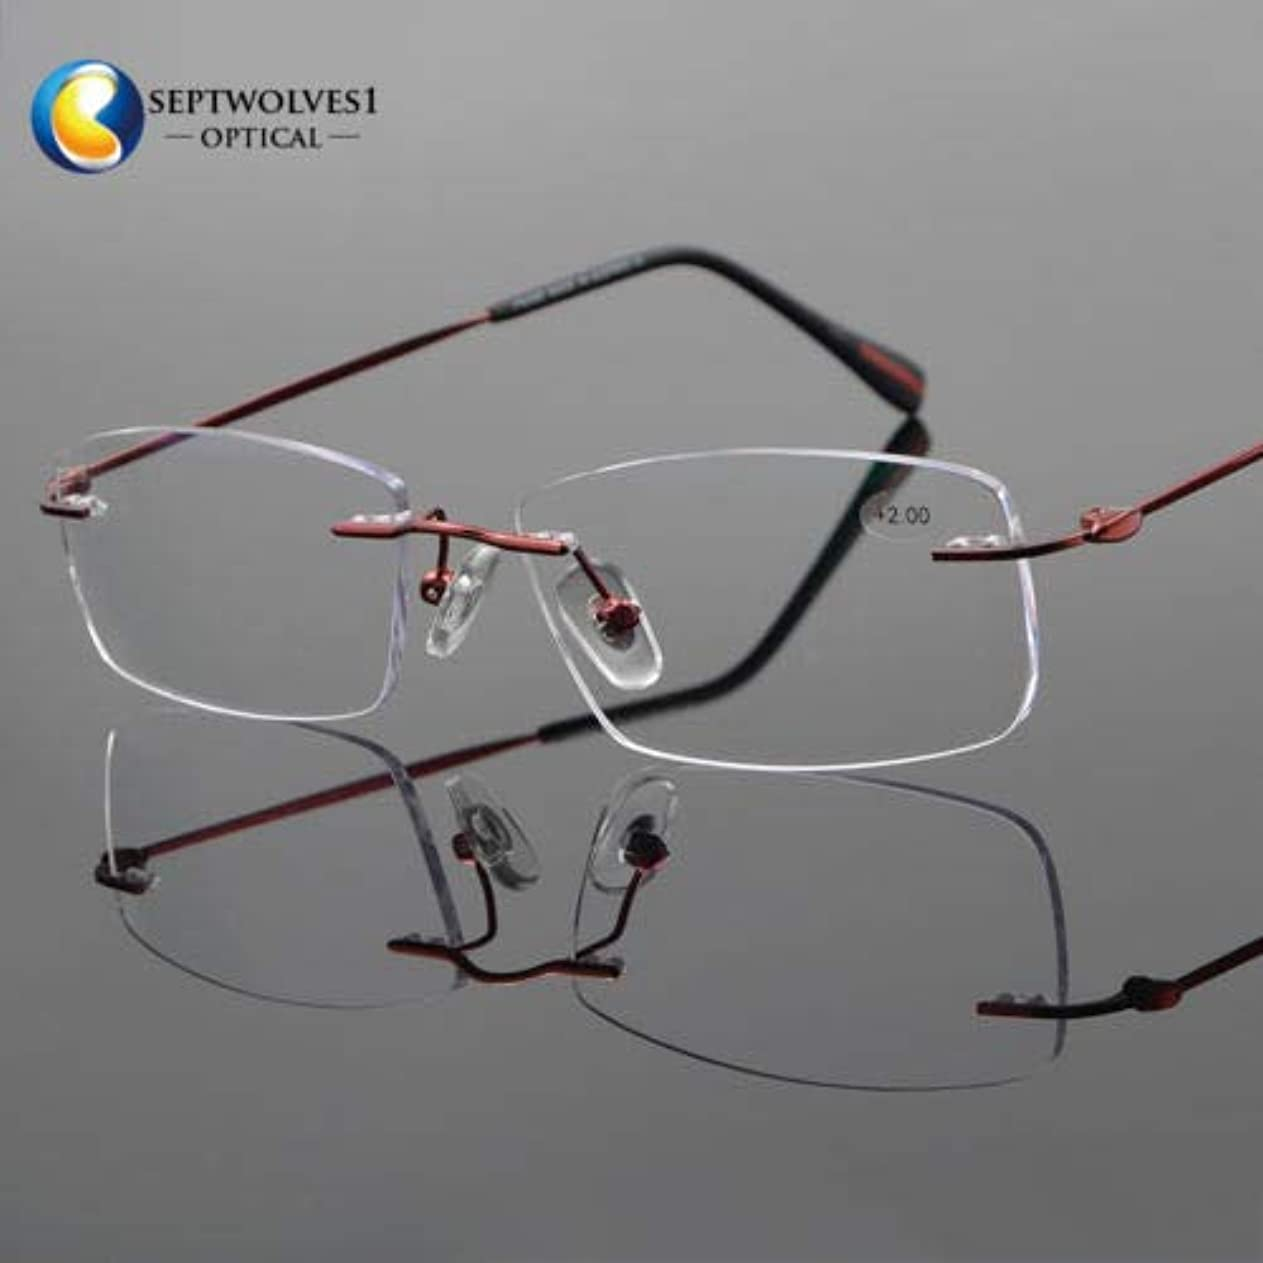 FidgetGear 新しいβチタン縁なし老眼鏡UV400コーティングレンズリーダー+0.00?+ 5.00 赤